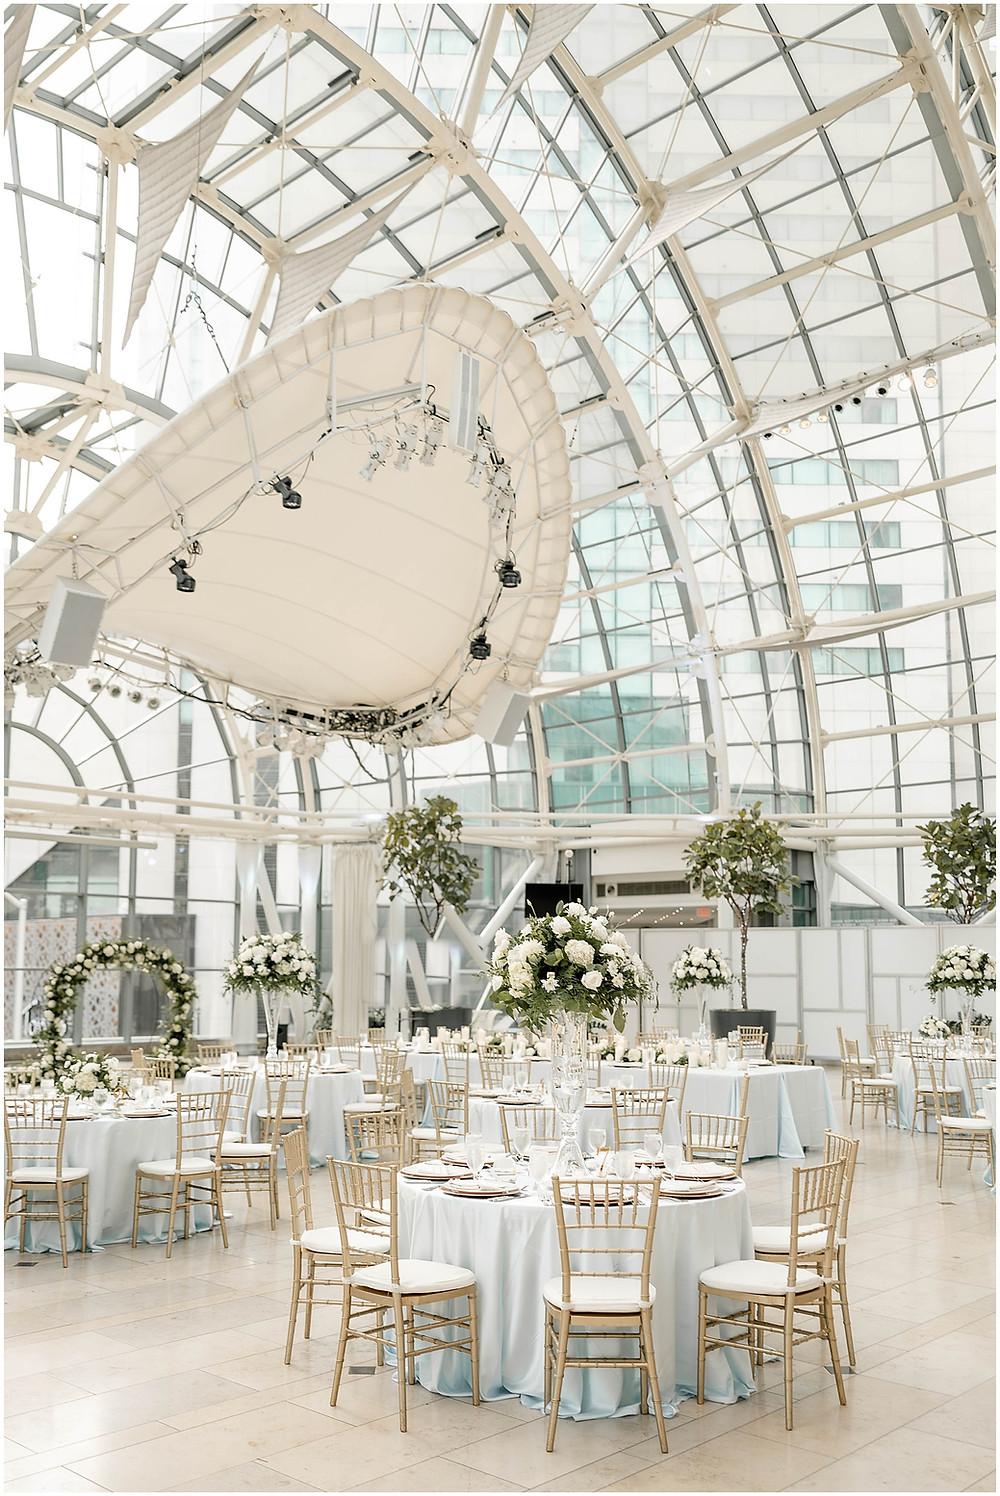 Indianapolis-Artsgarden-wedding-reception